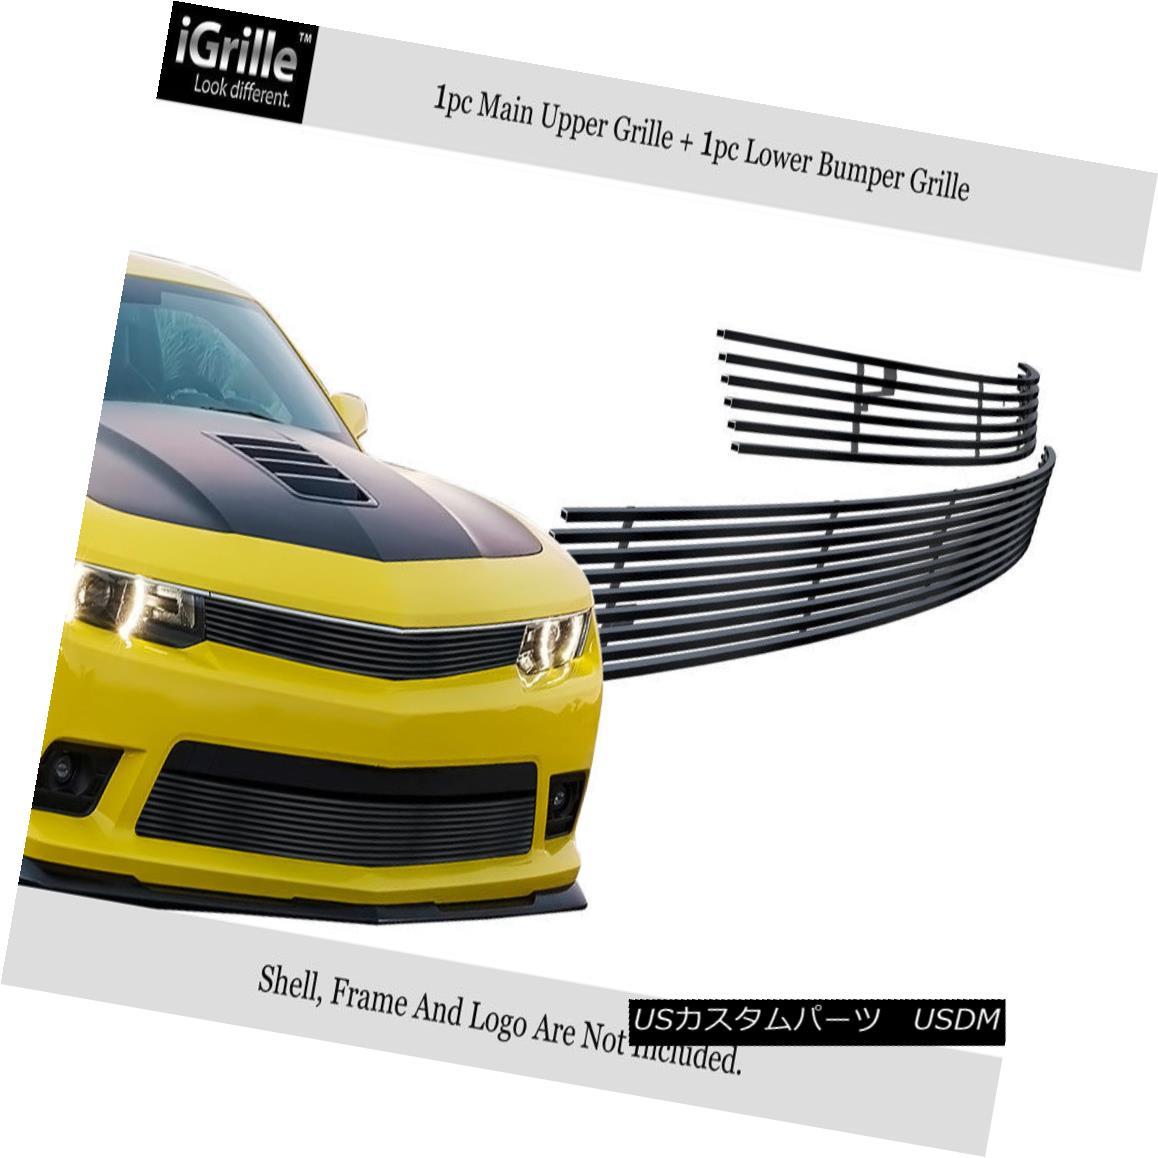 グリル For 2014-2015 Chevy Camaro LS/LT W/RS Package Stainless Black Billet Grille 2014-2015シボレーカマロLS / LT W / RSパッケージステンレスブラックビレットグリル